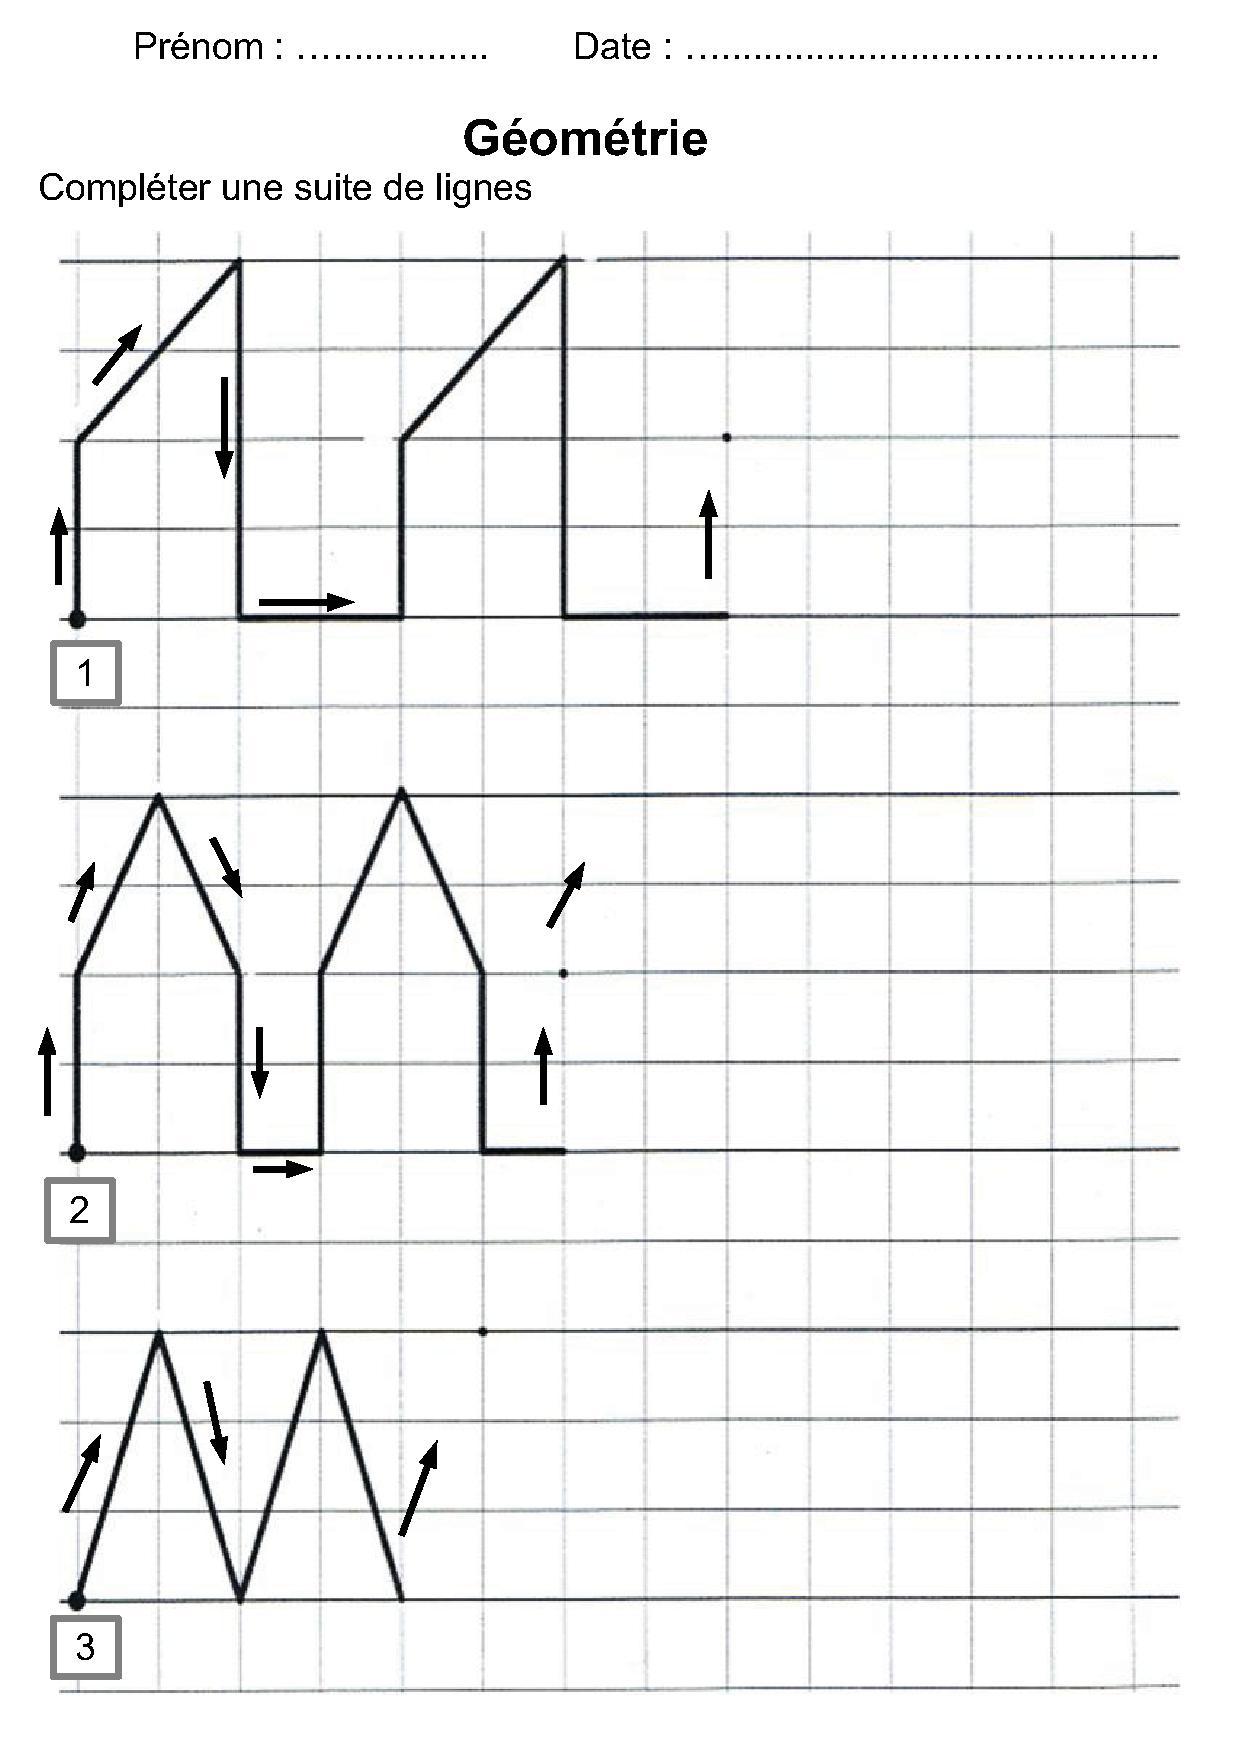 Géométrie Ce1,ce2,la Symétrie,reproduire Une Figure concernant Figures Géométriques Ce1